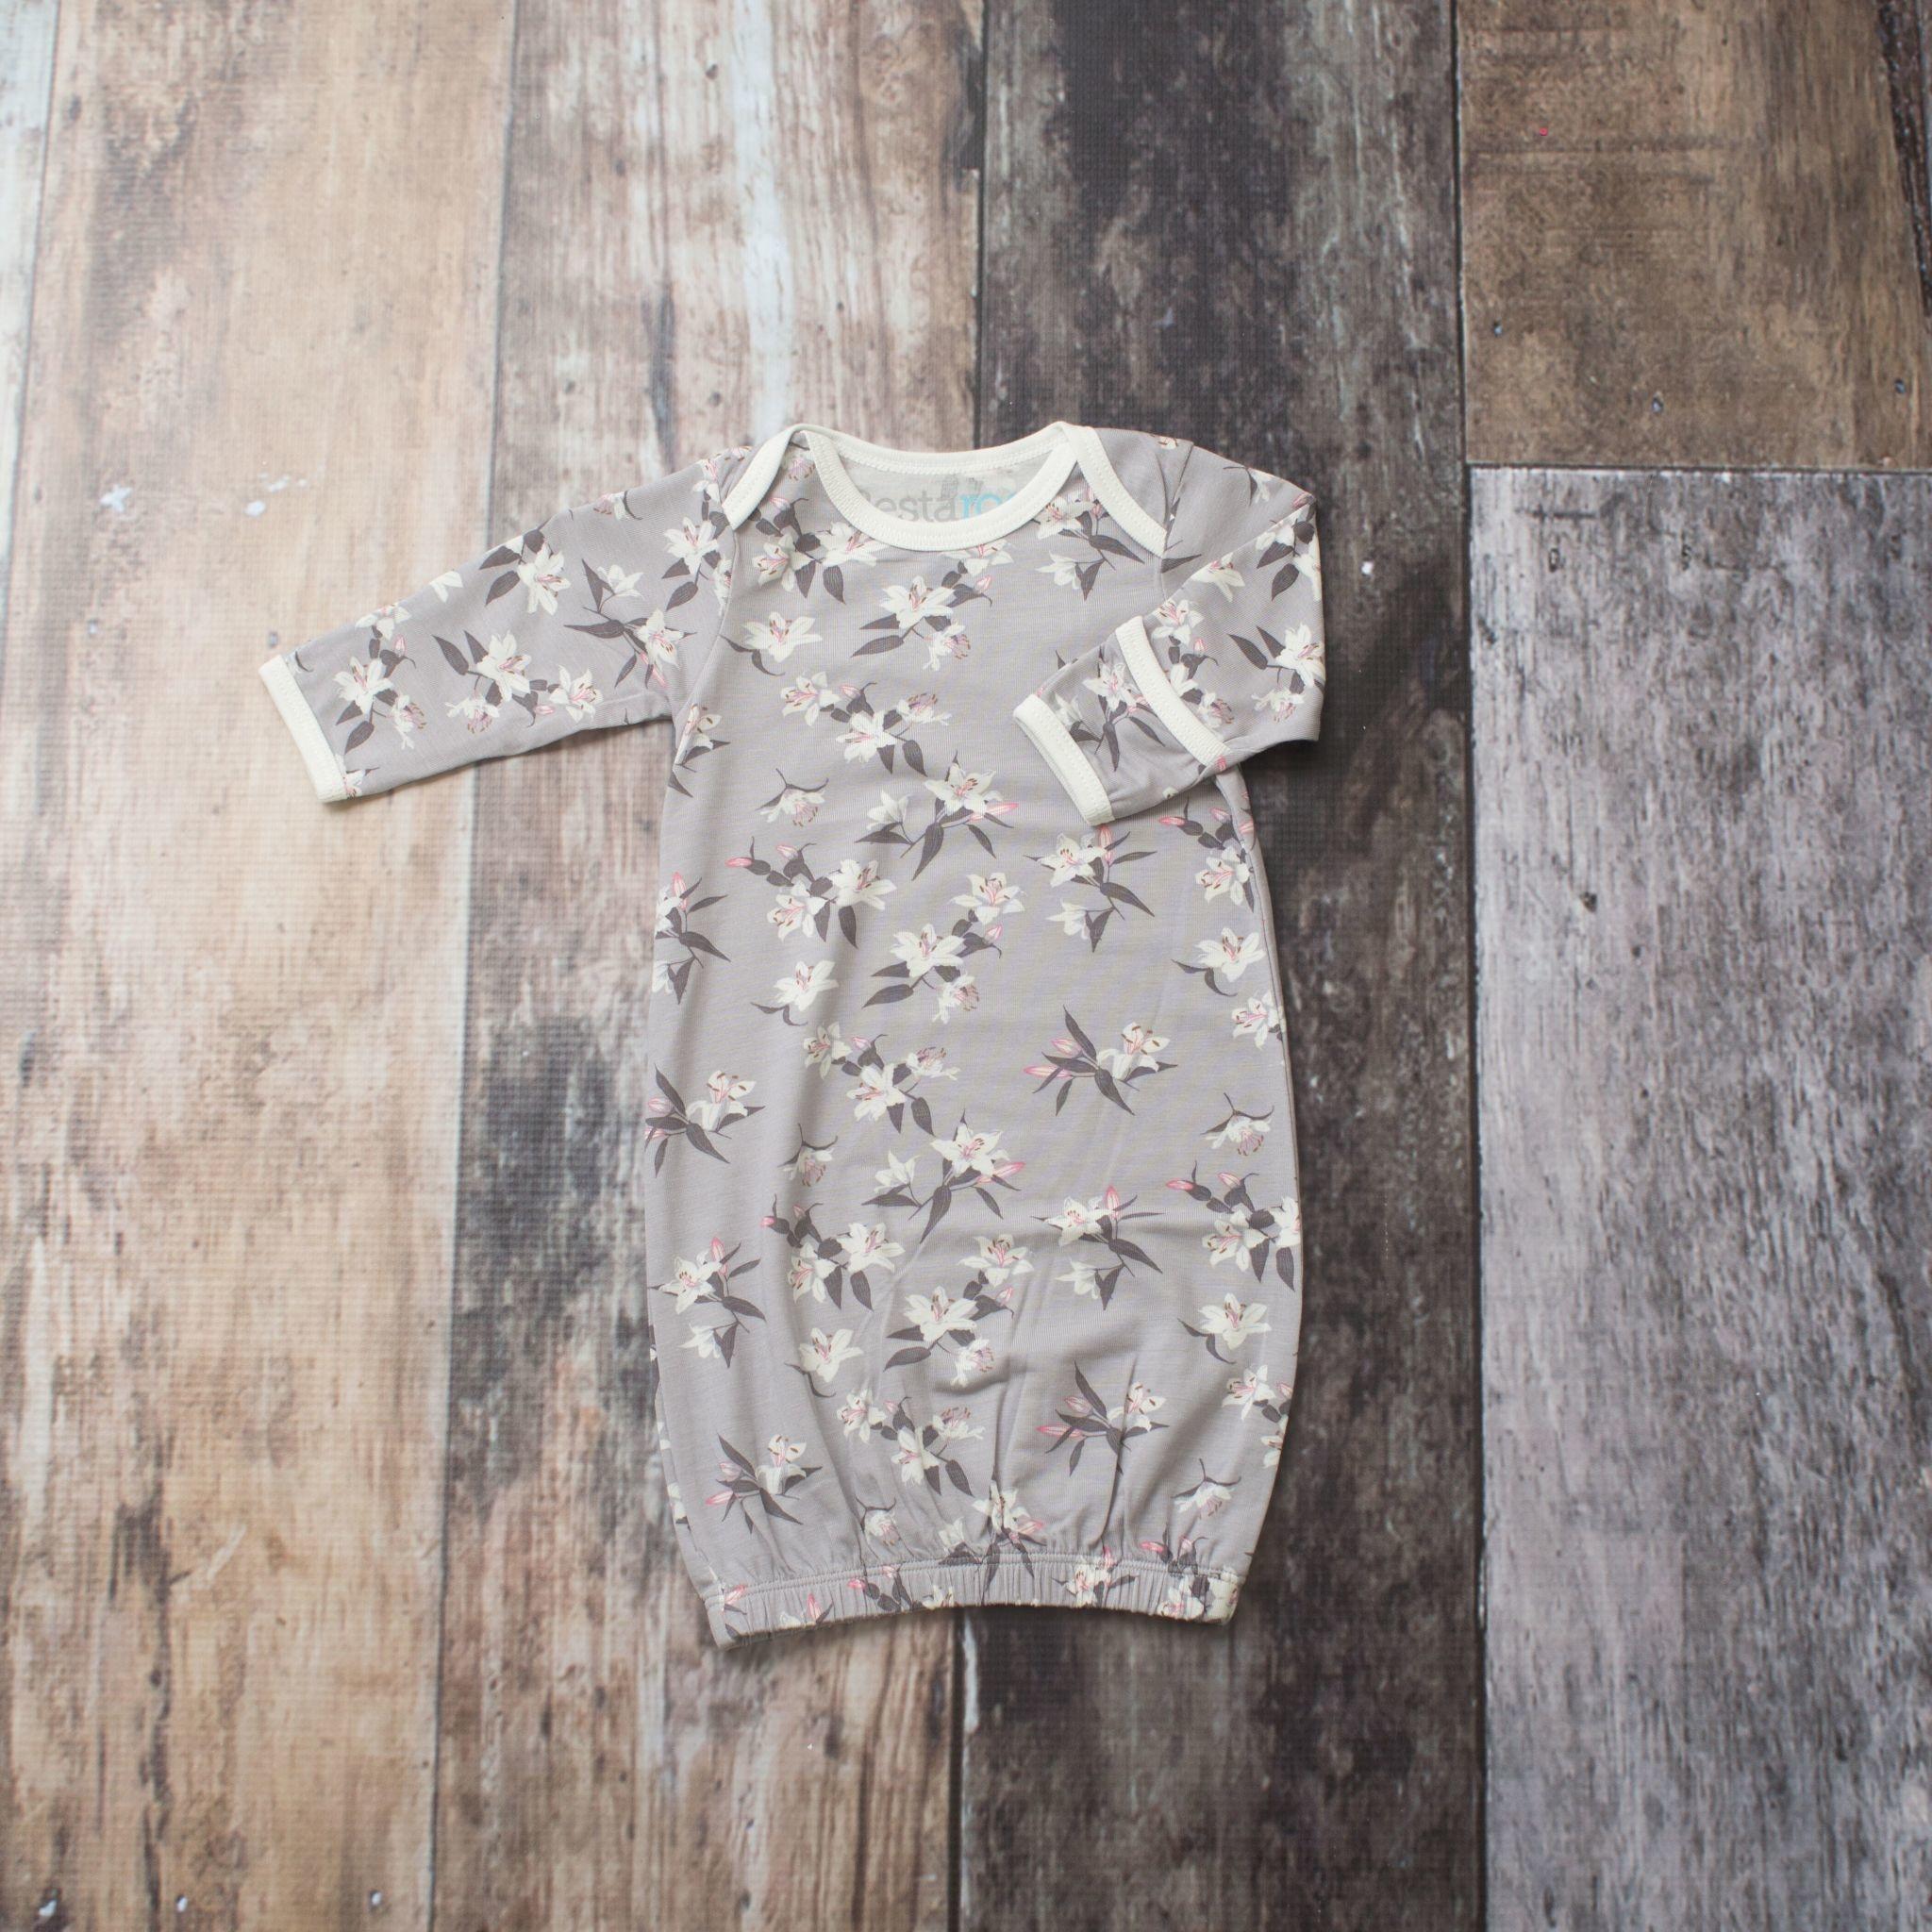 Bestaroo Gown Gray Lillies 0/3M